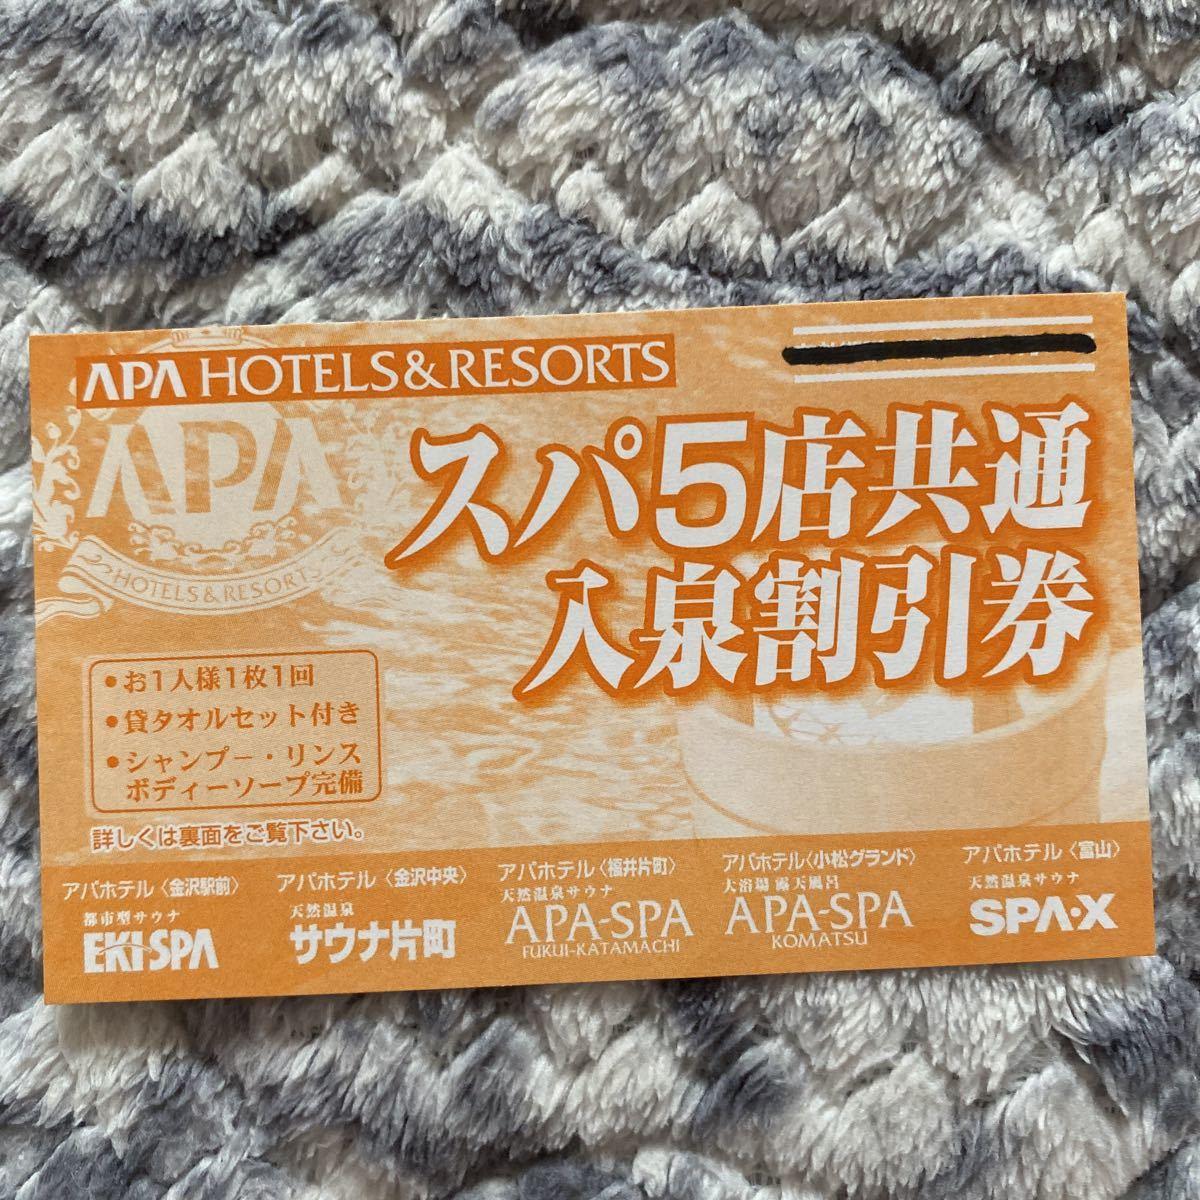 アパホテル 入泉割引券_画像1